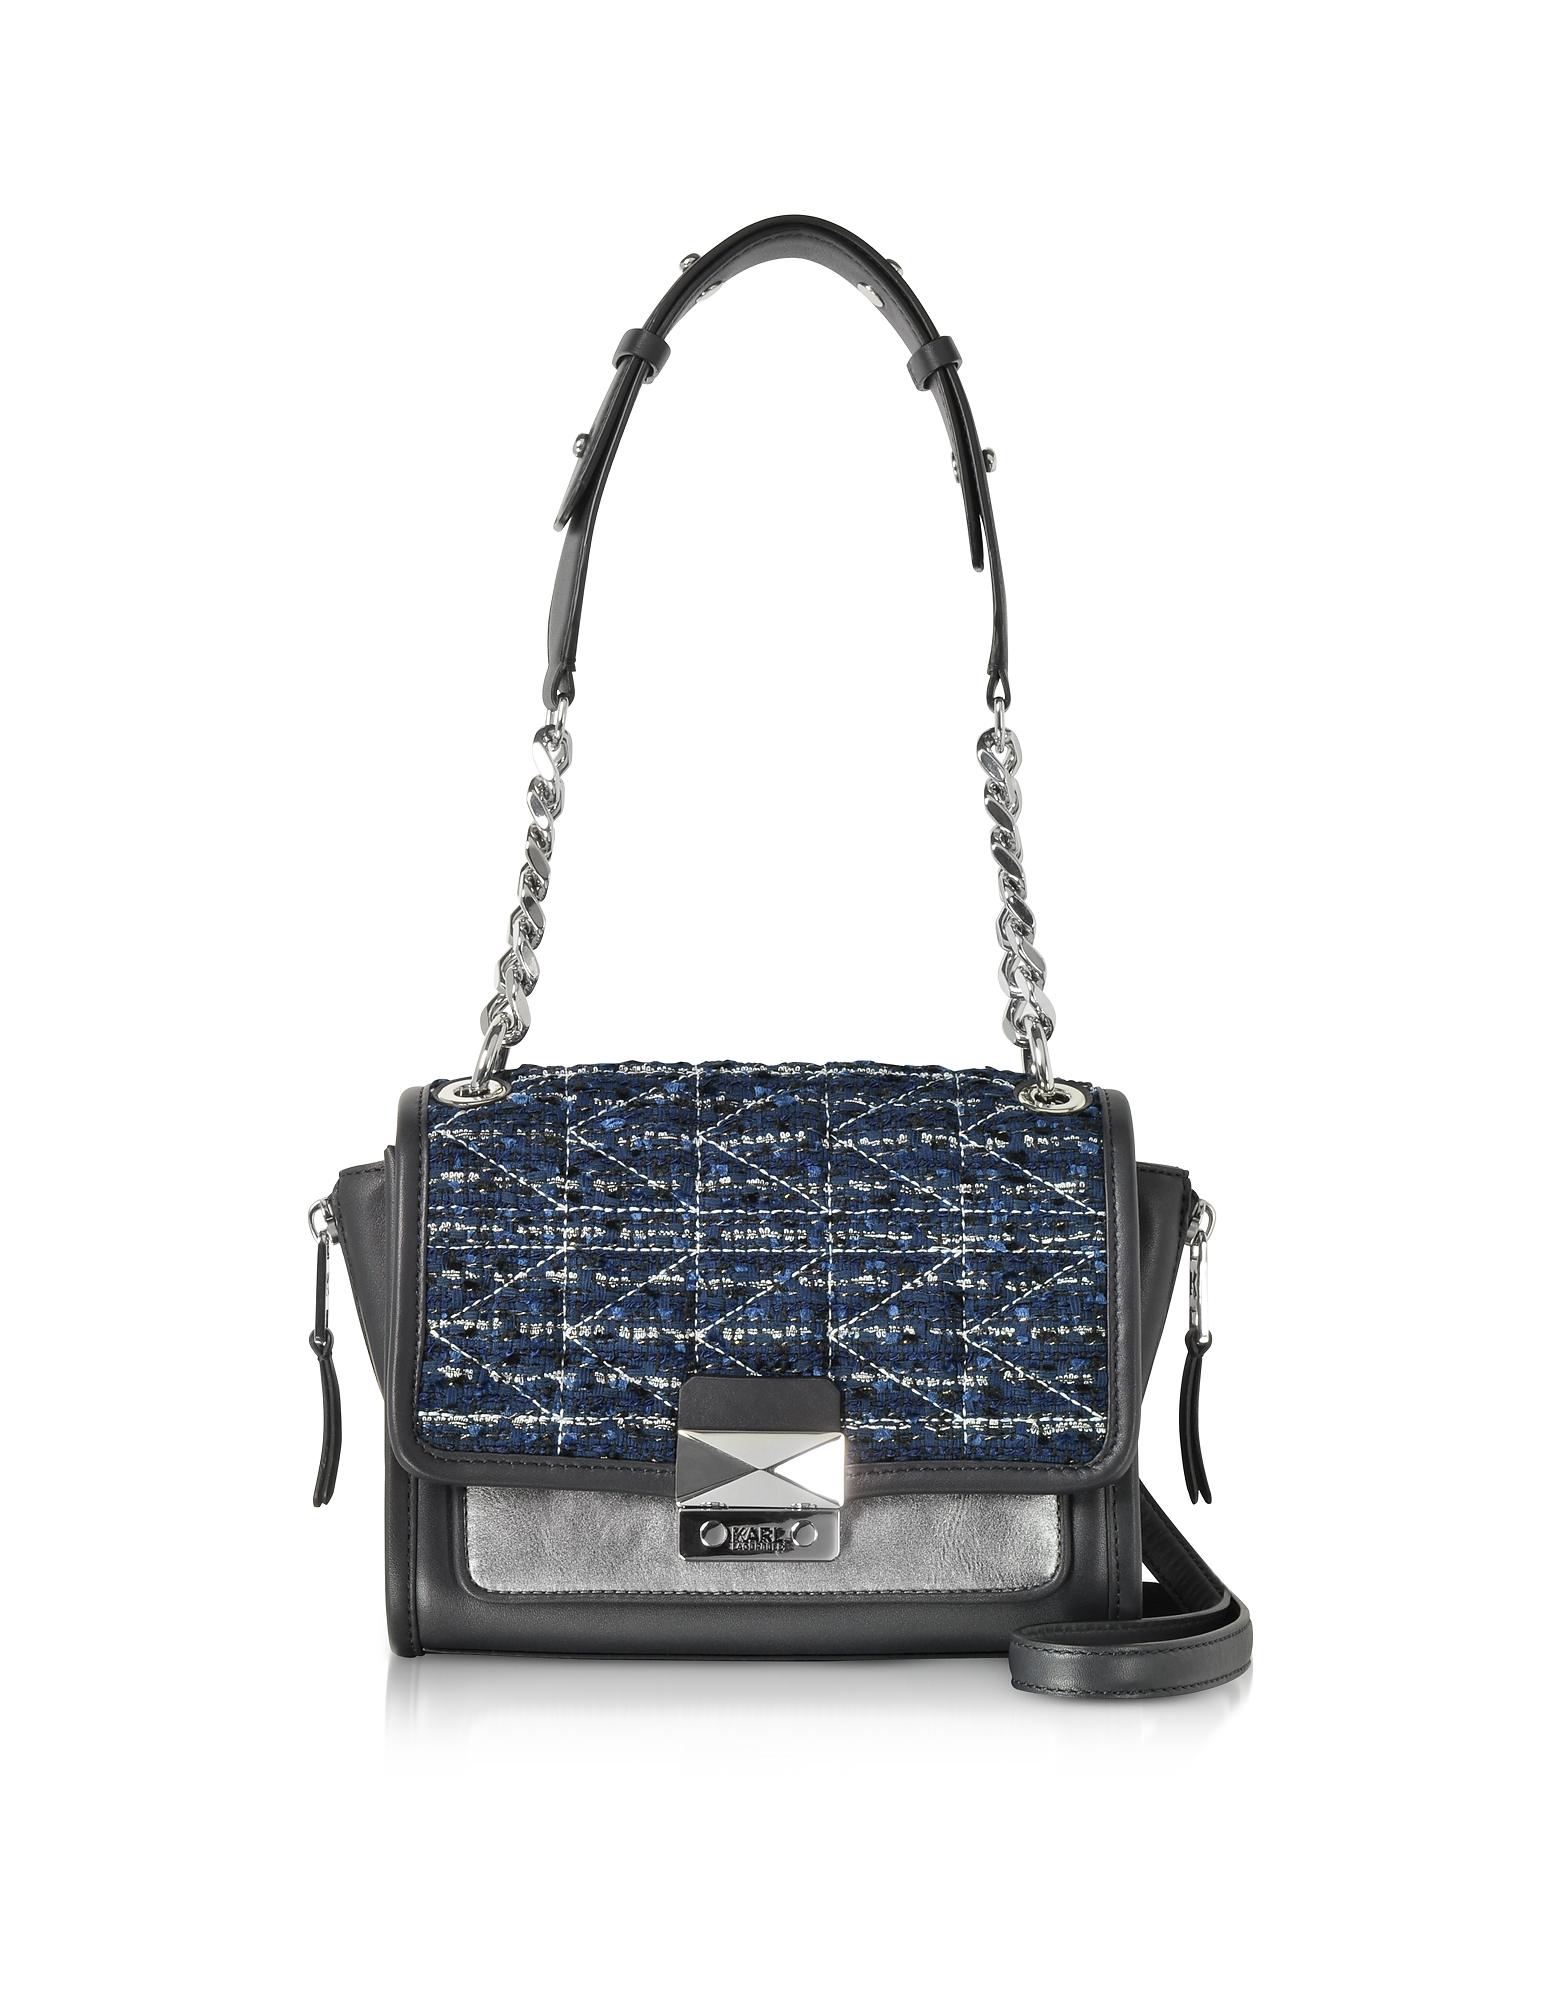 Karl Lagerfeld Handbags, K/Kuilted Tweed Night Sky Handbag